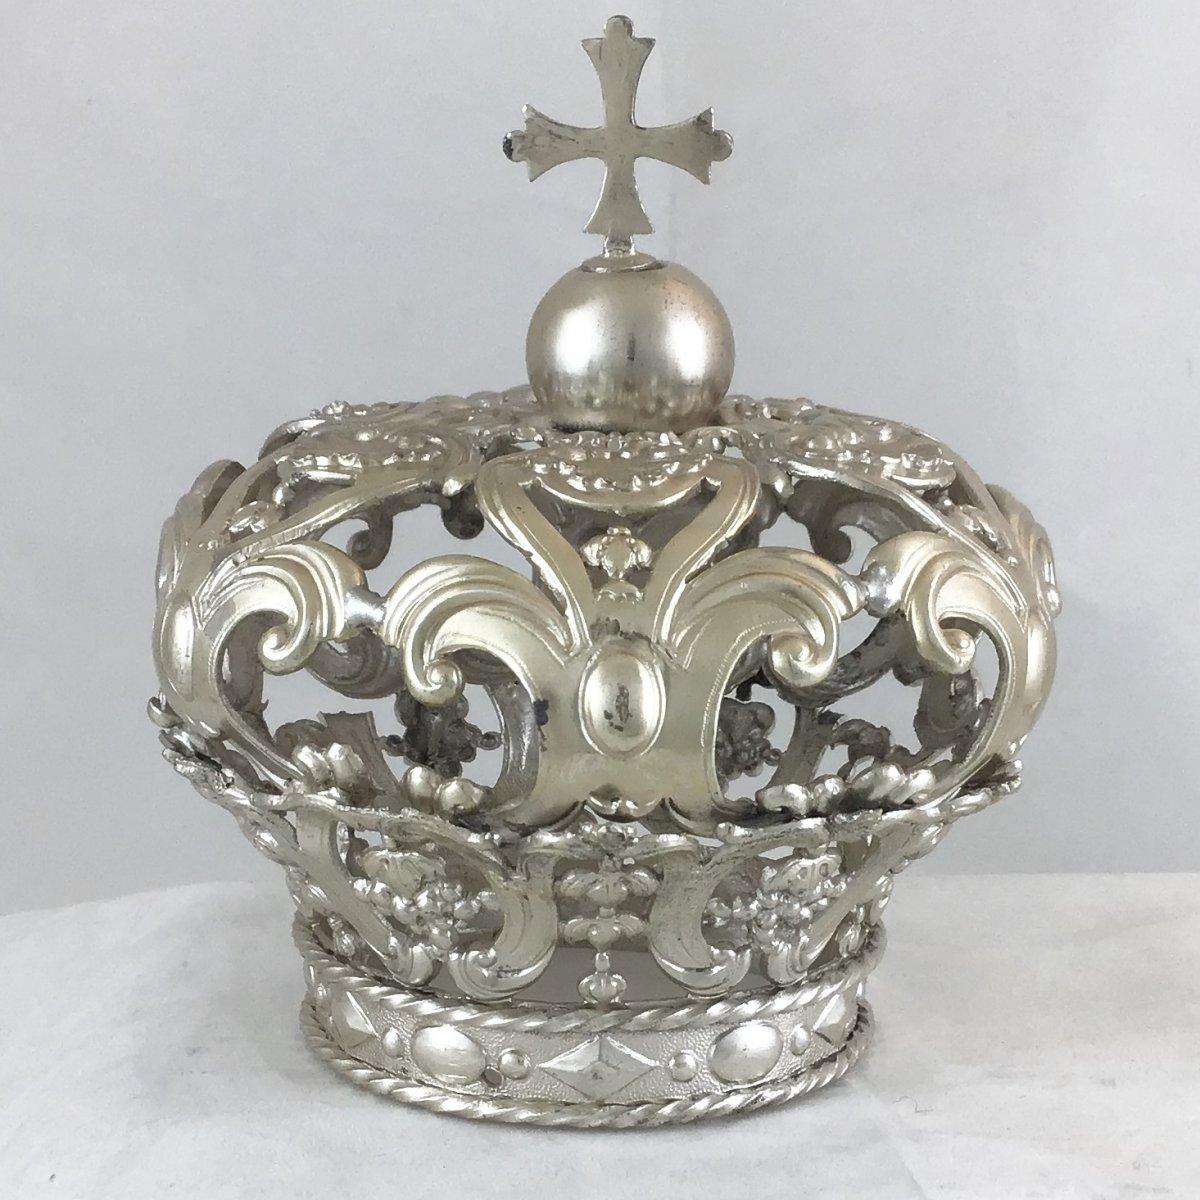 Silver Crown, Eighteenth Century, Ypres